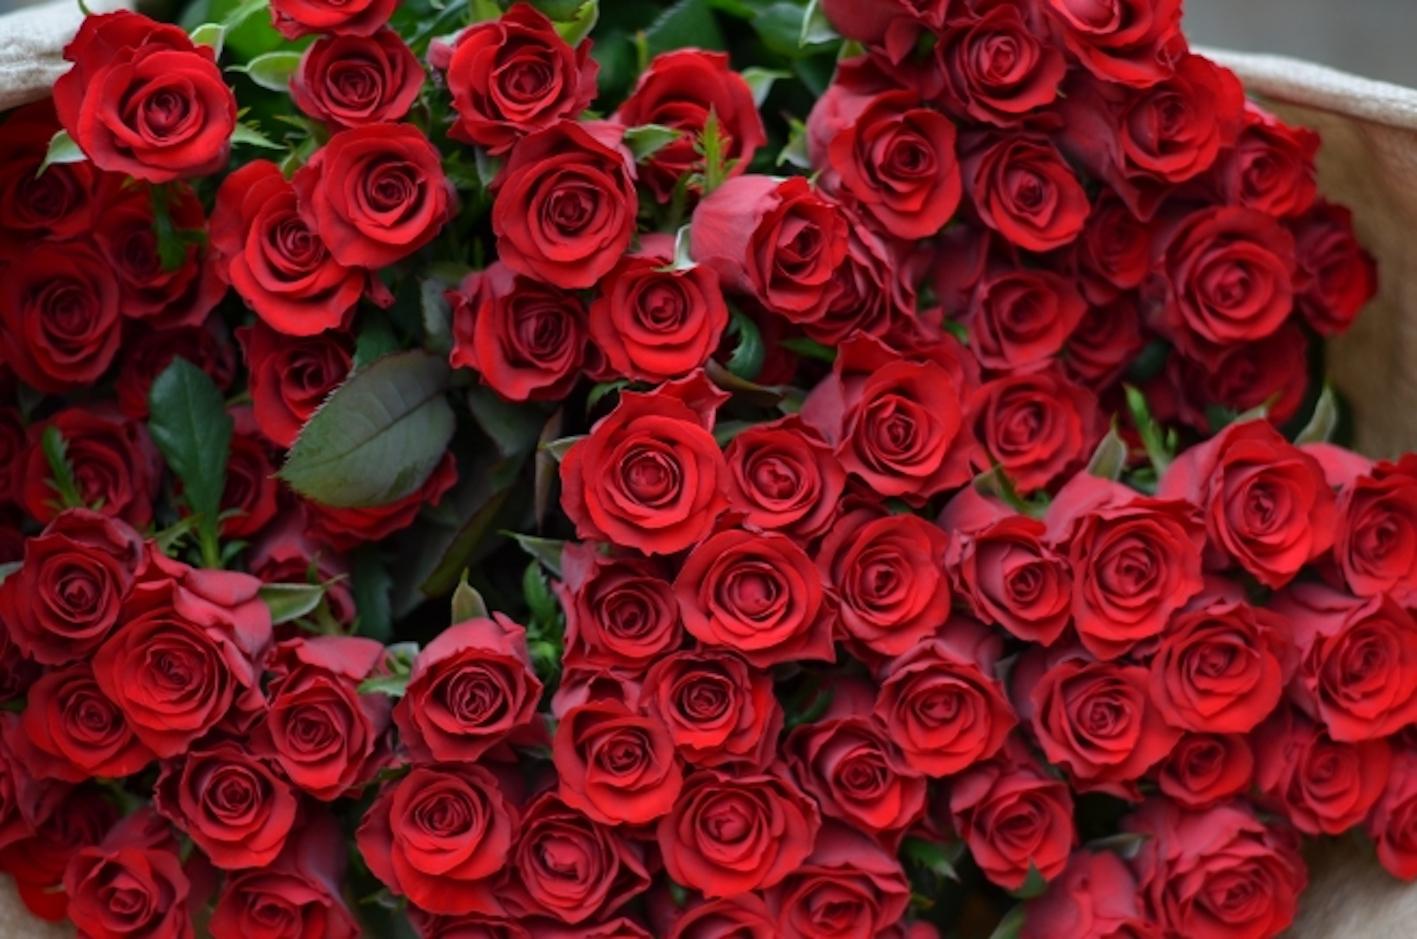 バラ 葉っぱ 赤い